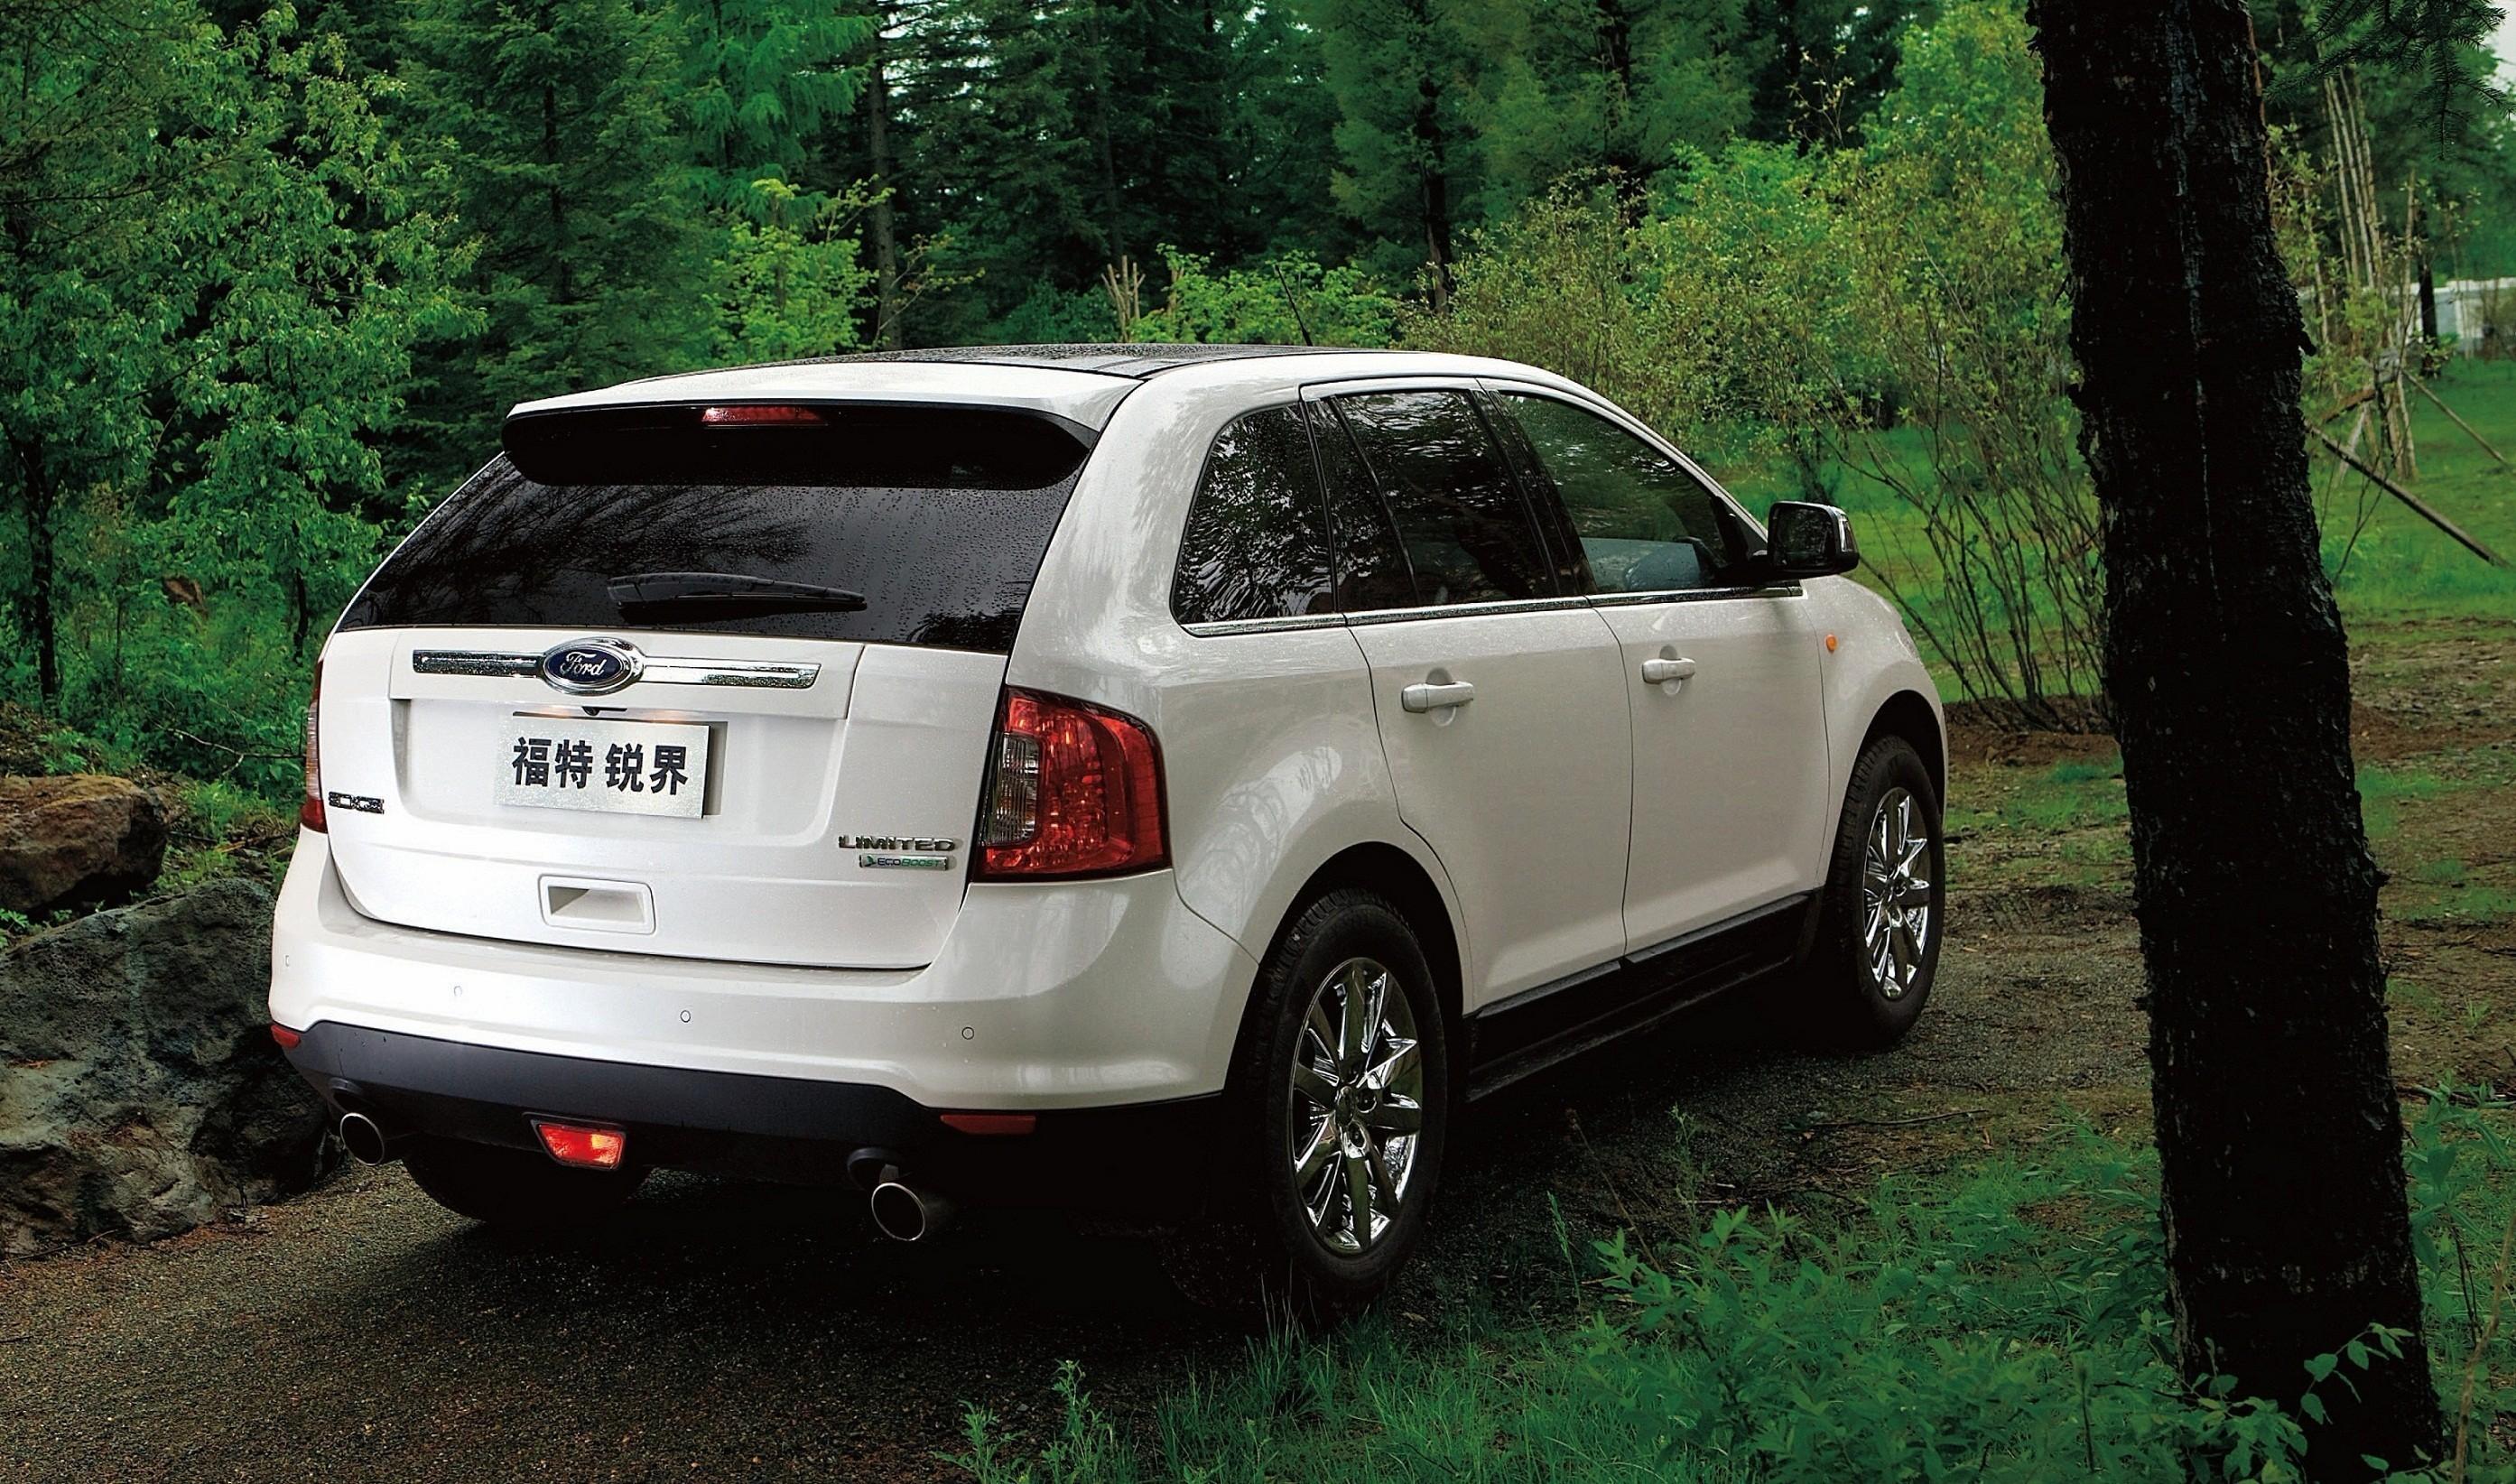 试驾福特锐界 低排量也能带给你惊喜 高清图片